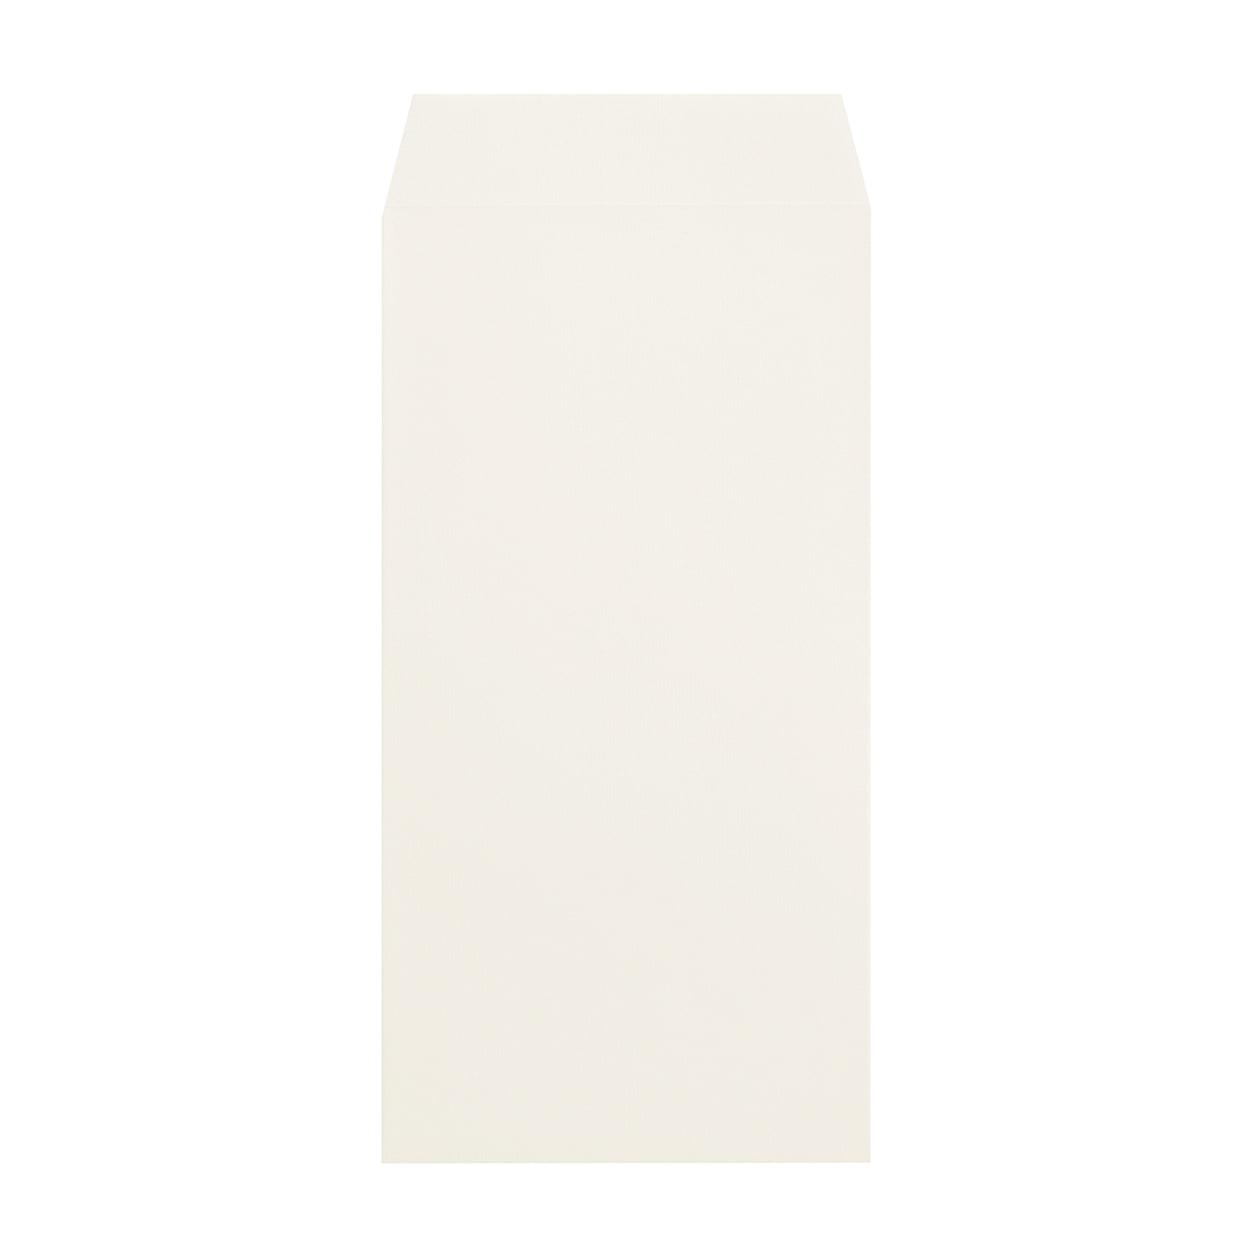 長3封筒 マクレイン ホワイト 100g